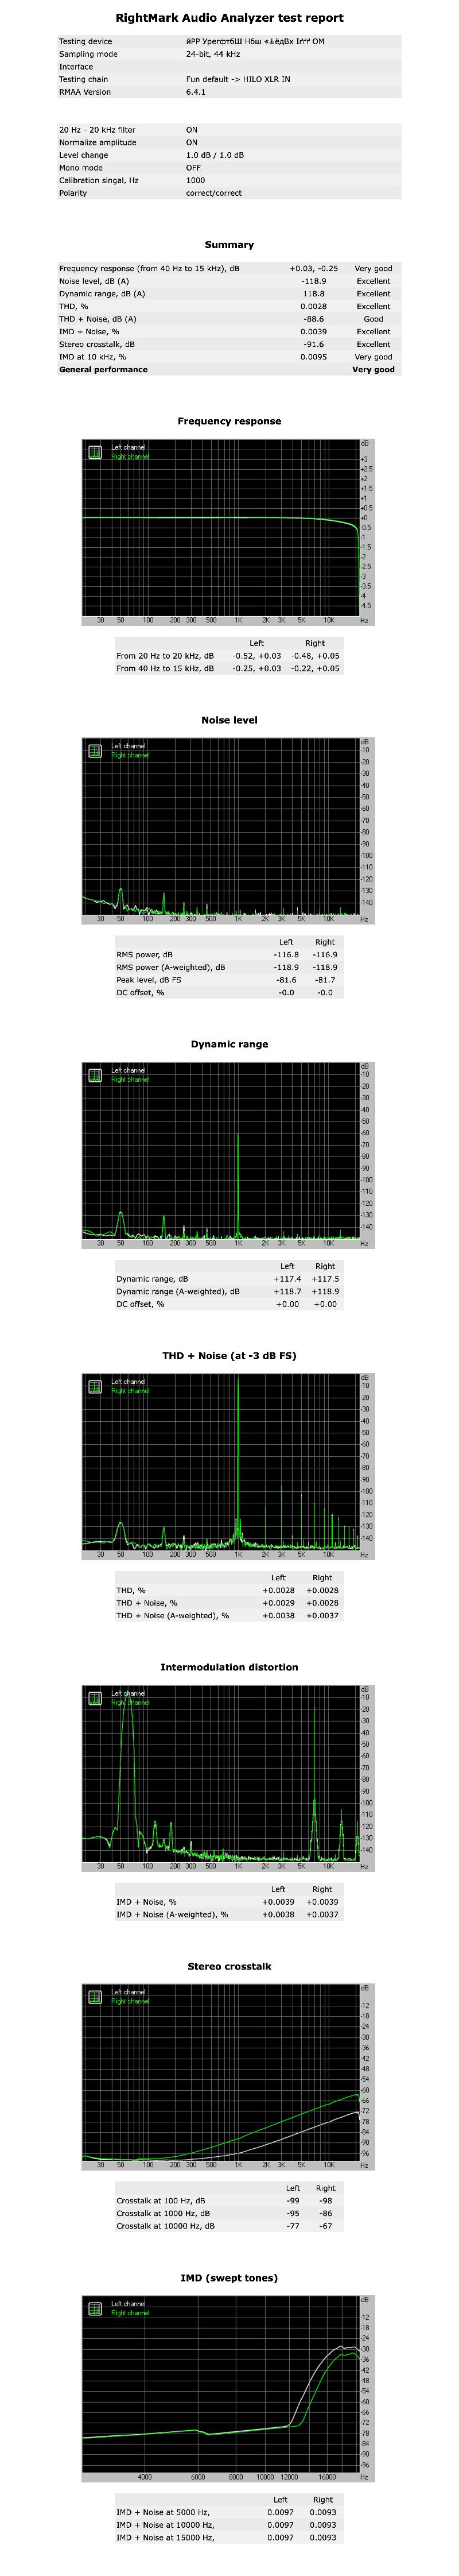 iPP-SpectraX-Max-Fun-~95-+18dBu-24-44-NL-summary.png